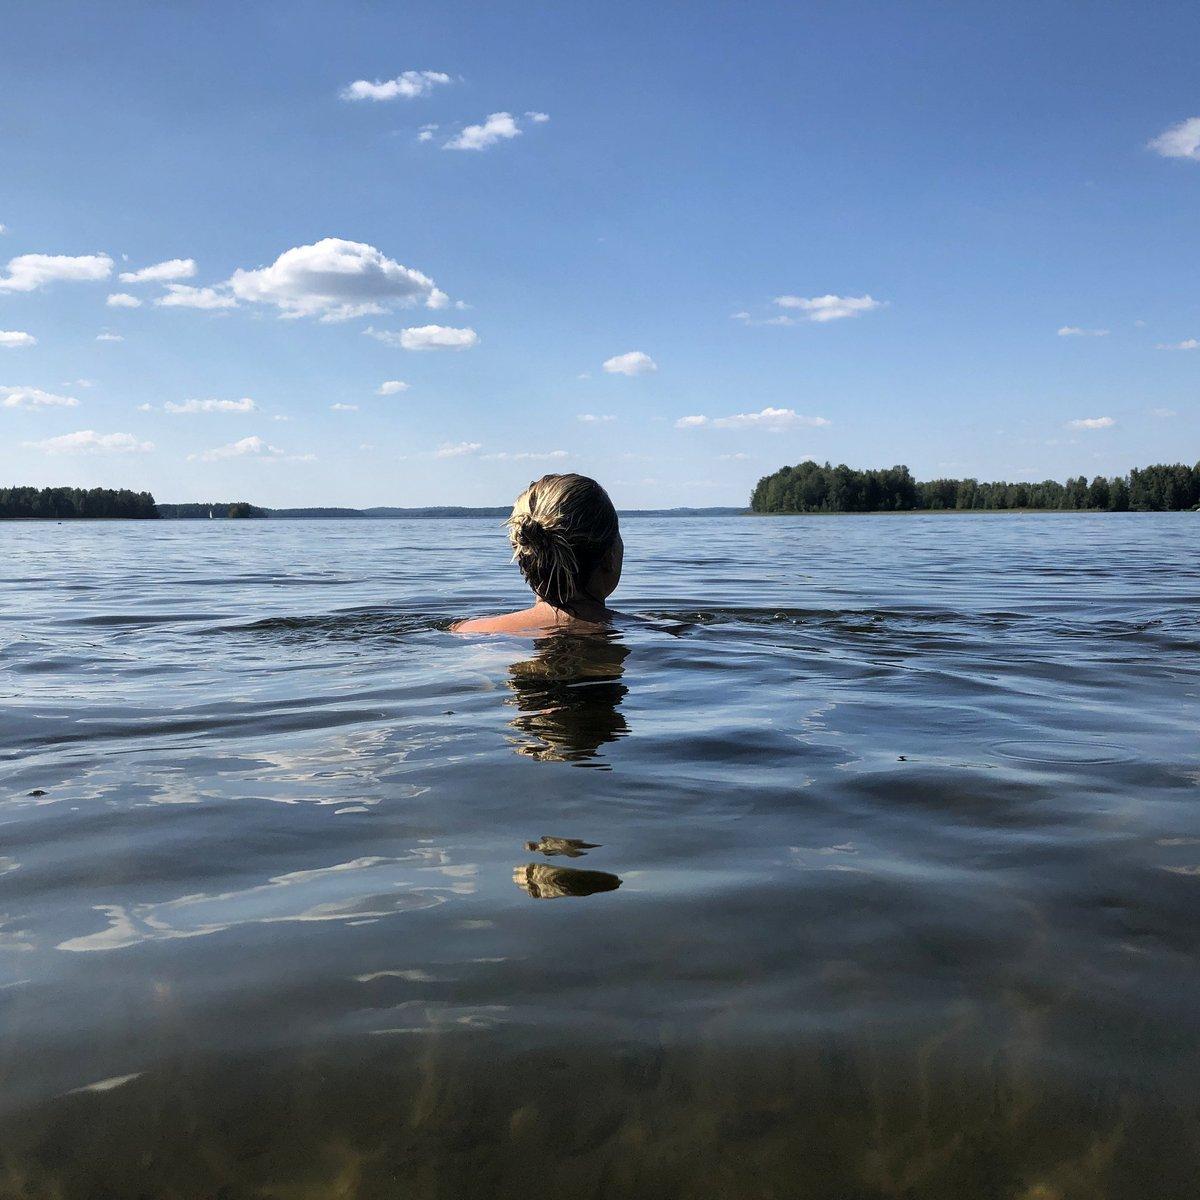 Dreaming of summer in Finland! . 📷Credit and Copyright: Raija Lehtonen – Visit Finland. #finland #visitfinland #wildswimming #finnishsummer #naturetravels